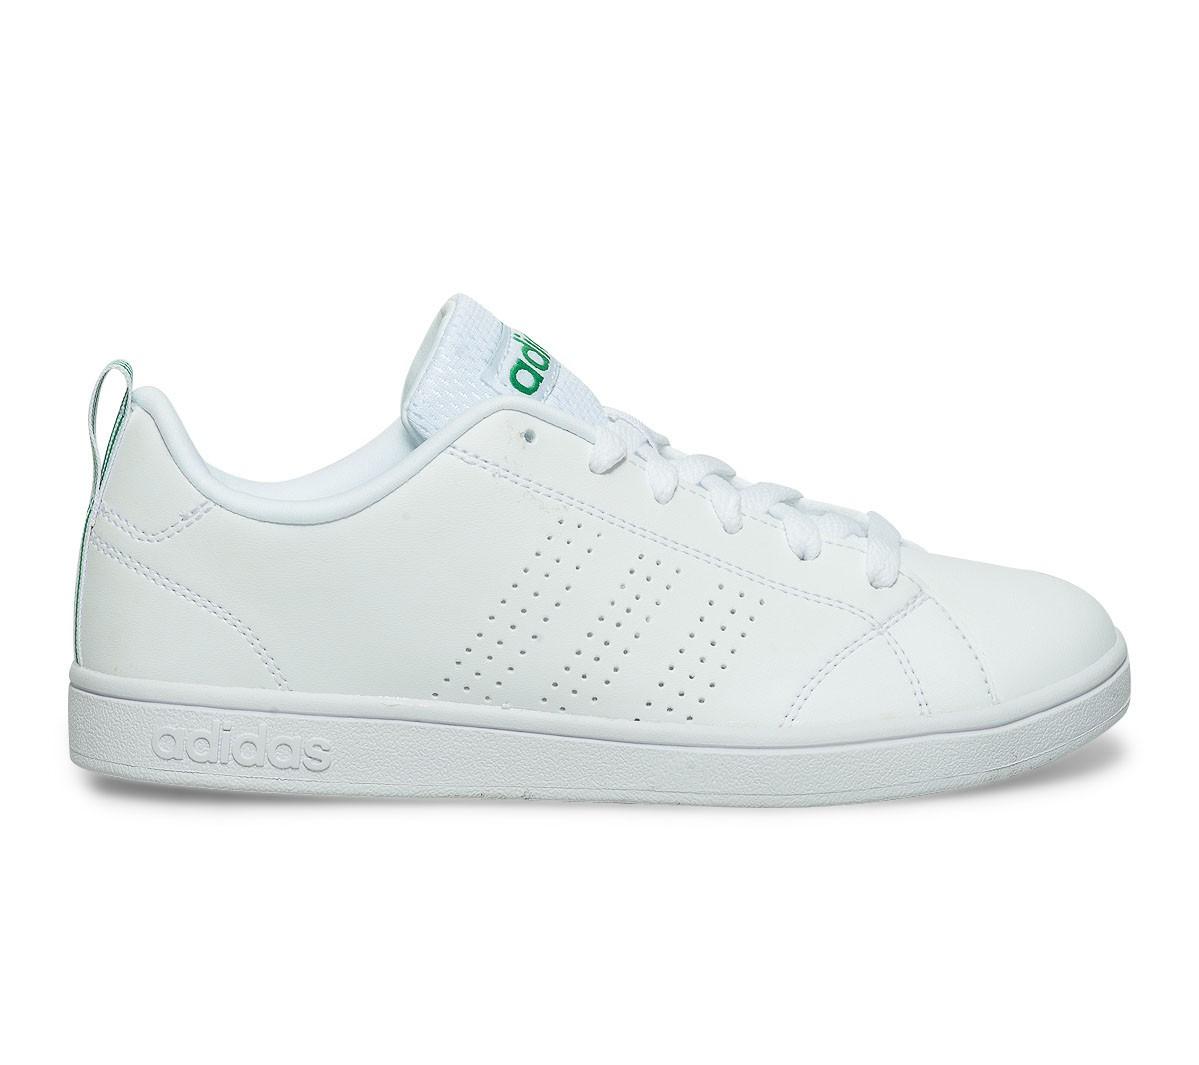 3ea583d63fc1 Promotion de groupe basket blanche adidas femme.Dédié à économiser de  l'argent - www.stronycms.eu